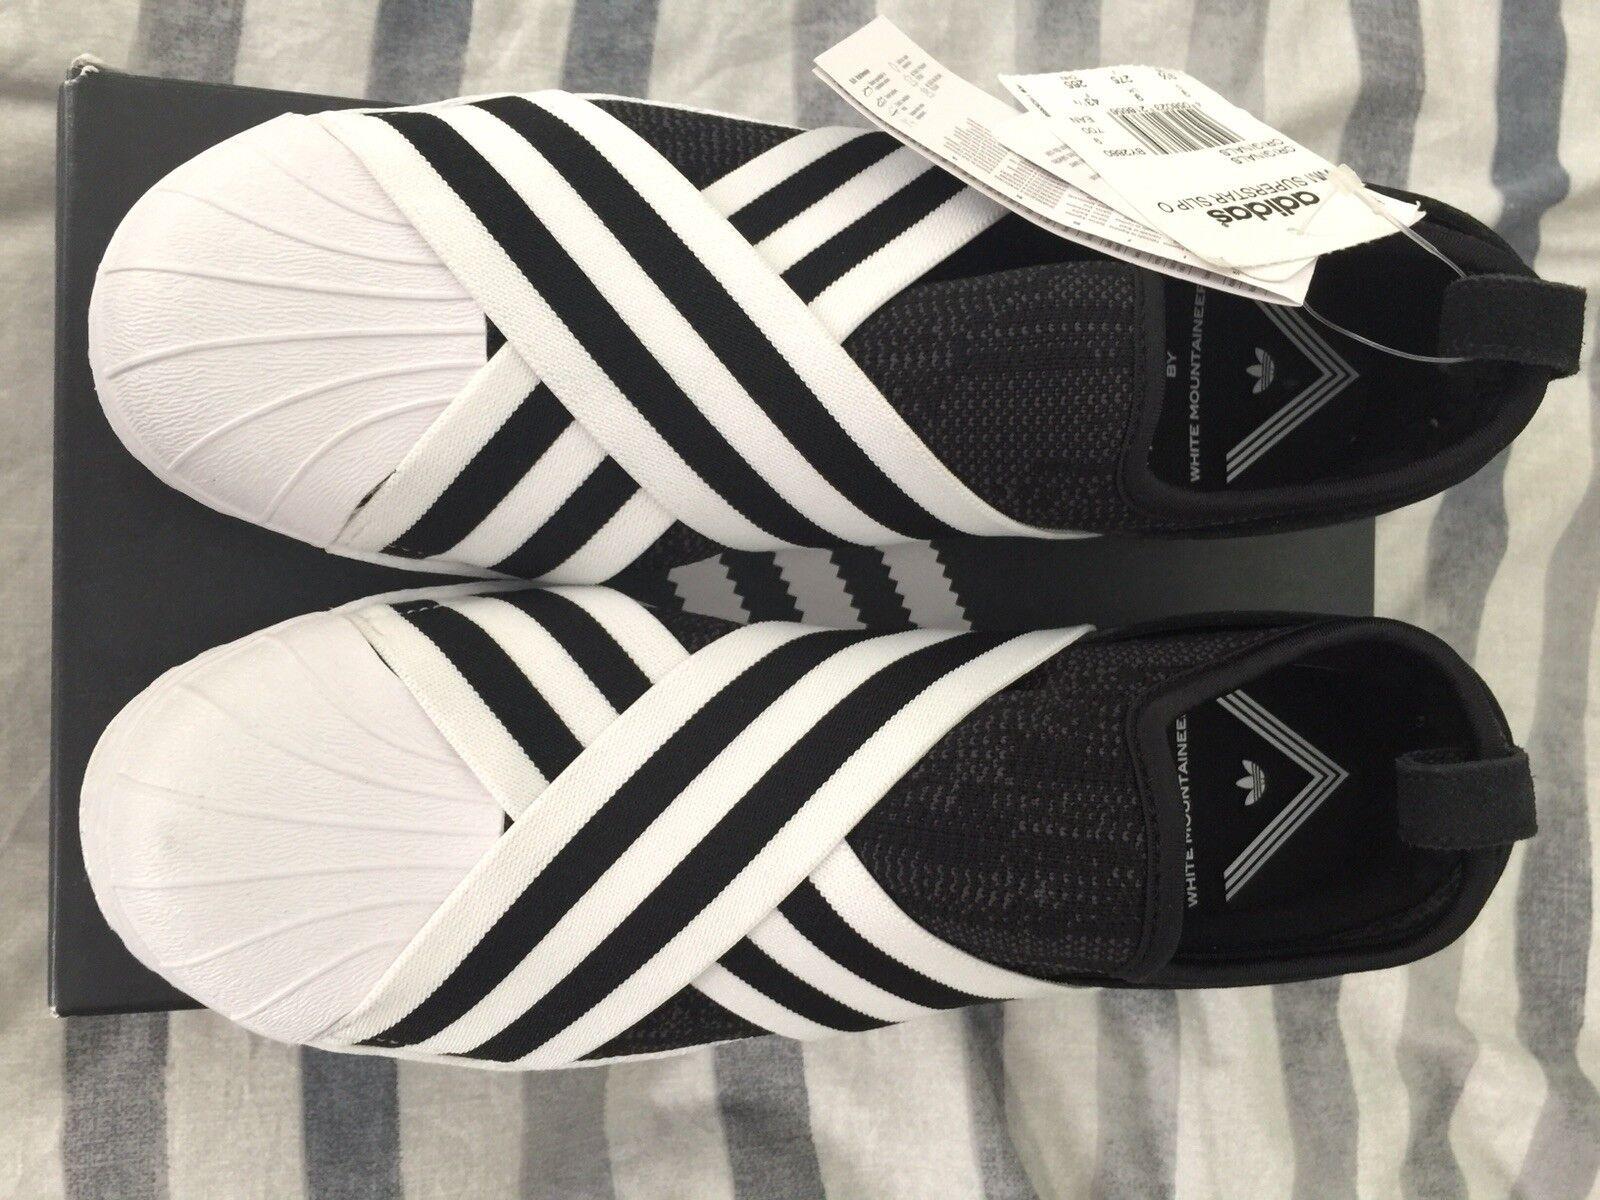 Adidas Originals Weiß Mountaineering Wm Superstar Slip On Pk Mens BY2879 . UK 9